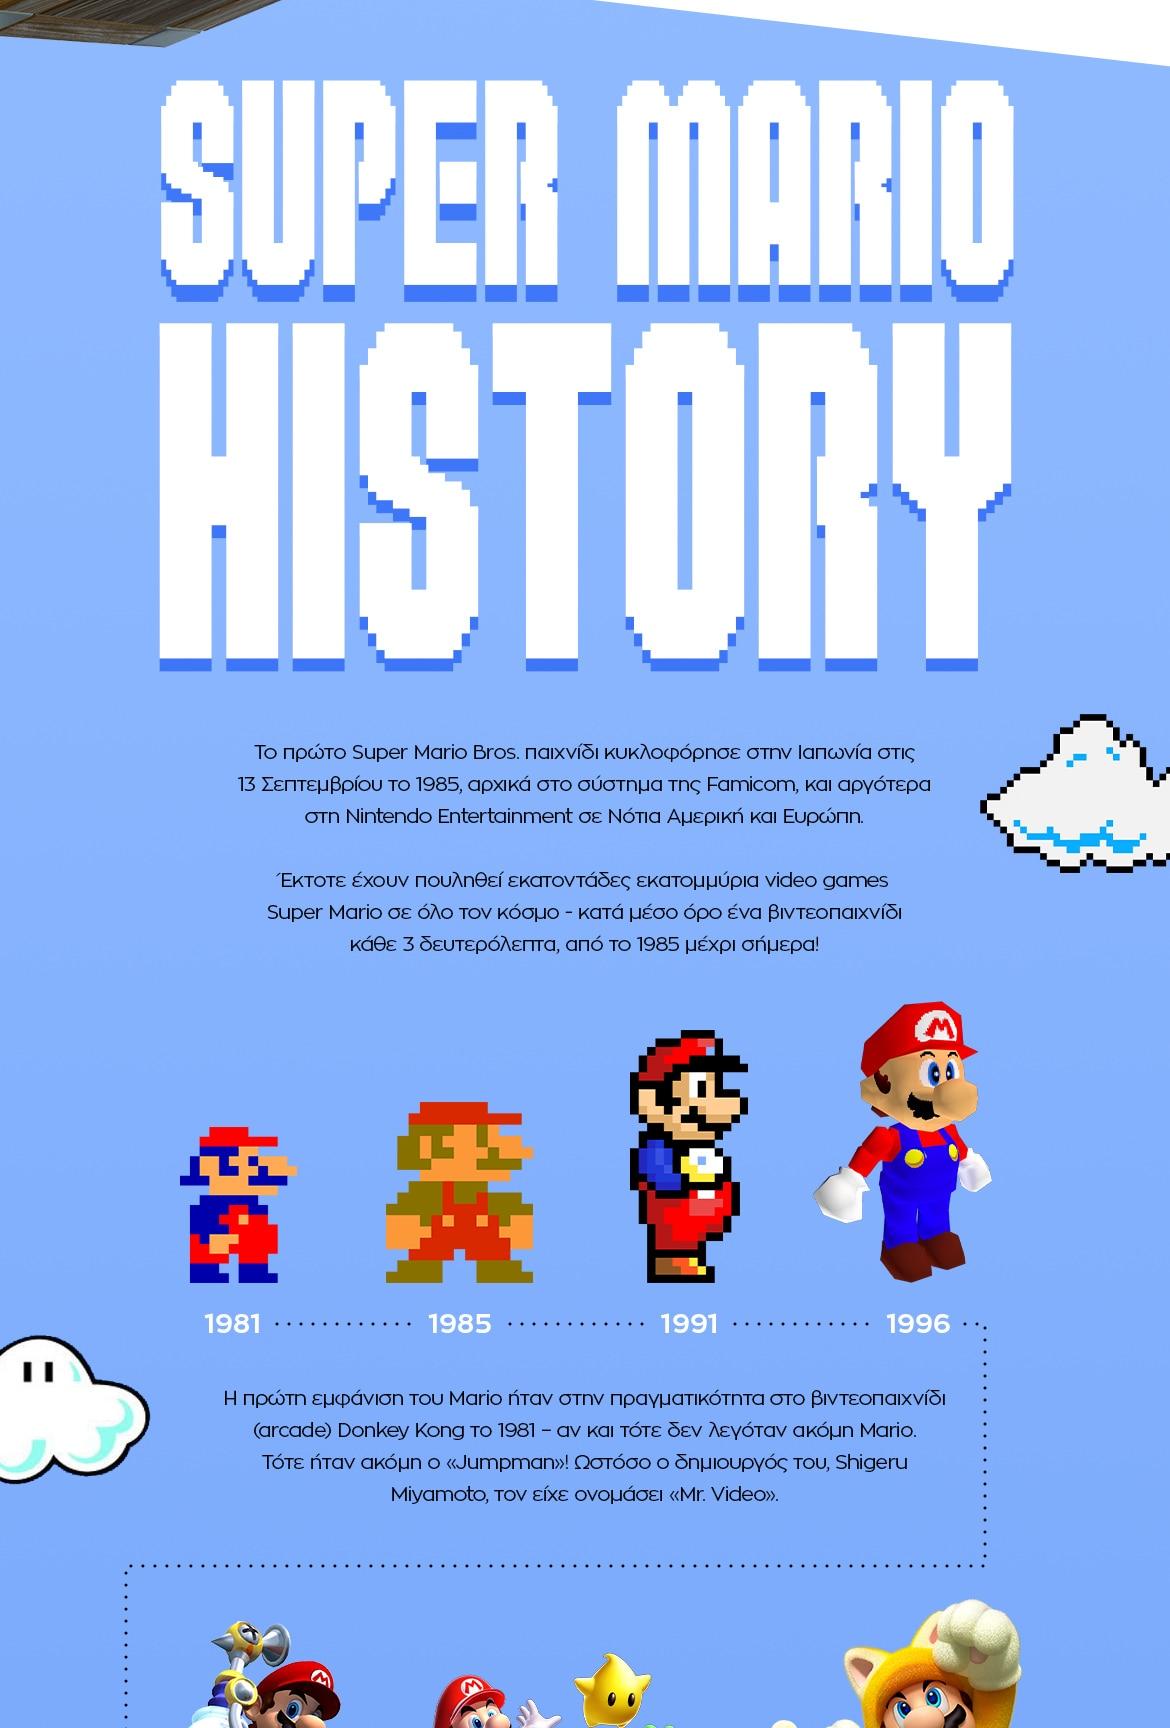 Super Mario History